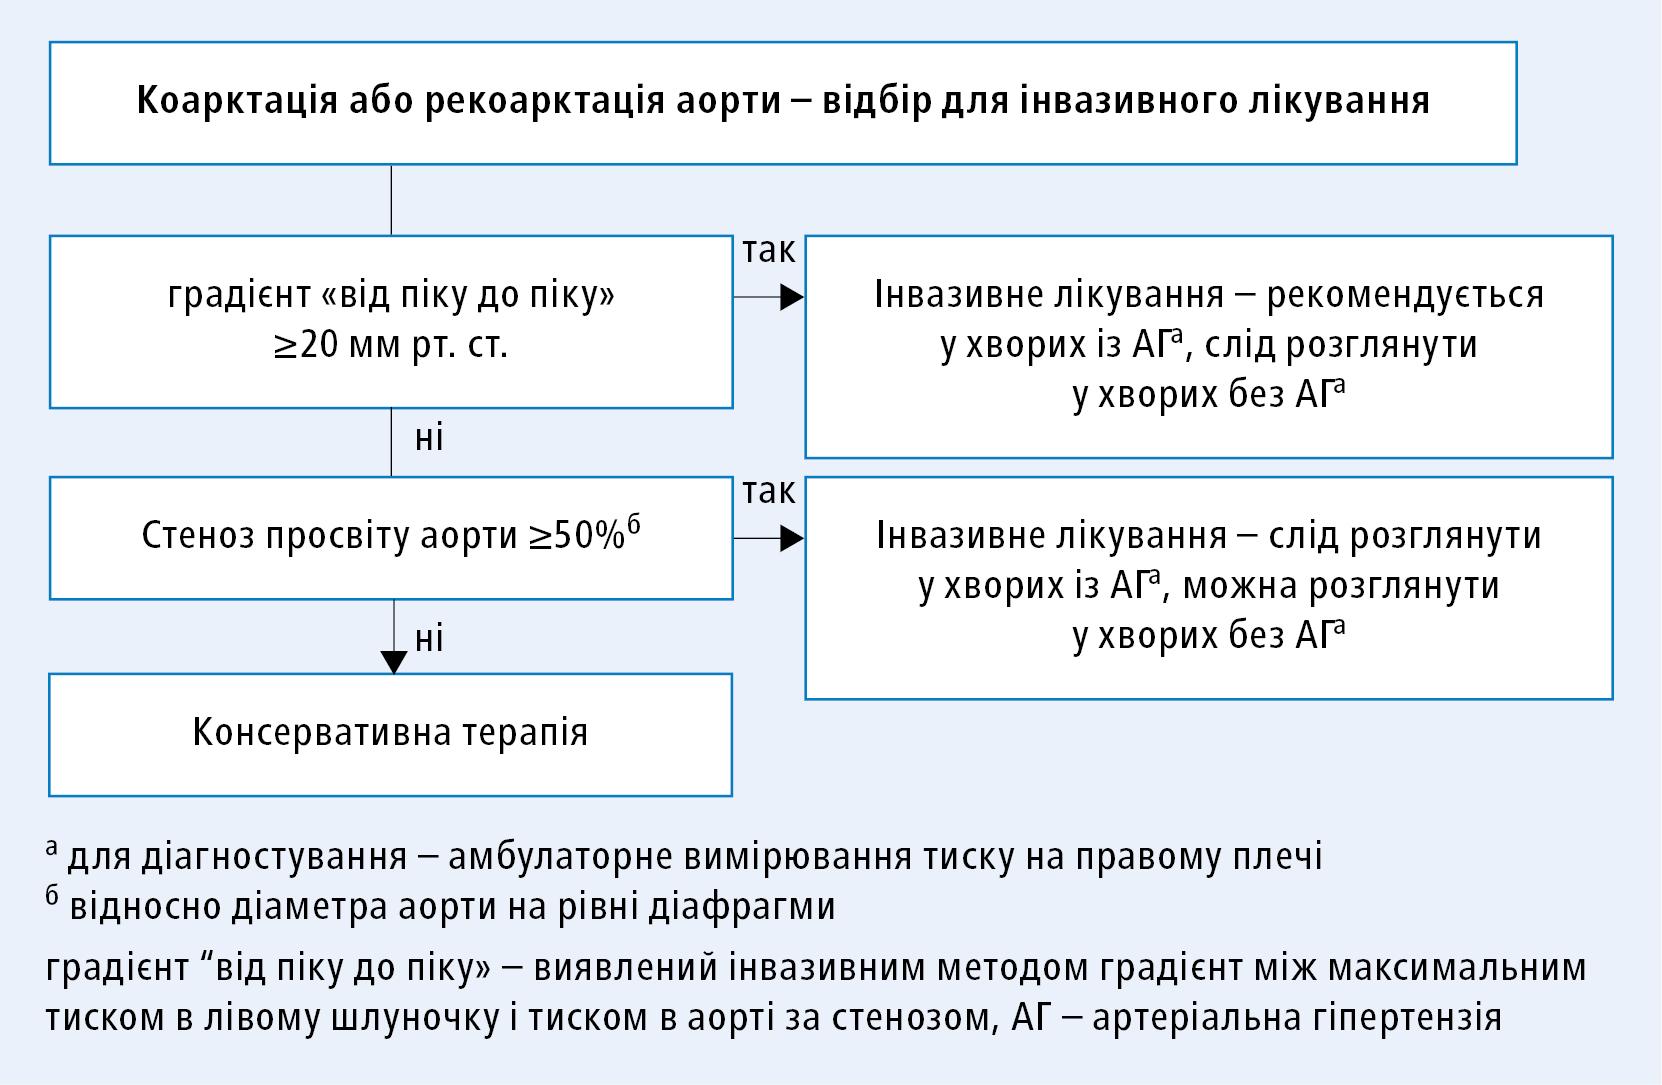 Алгоритм прийняття рішення щодо інвазивного лікування коарктації або рекоарктації аорти (згідно зклінічними настановами ESC 2020, модифіковано)